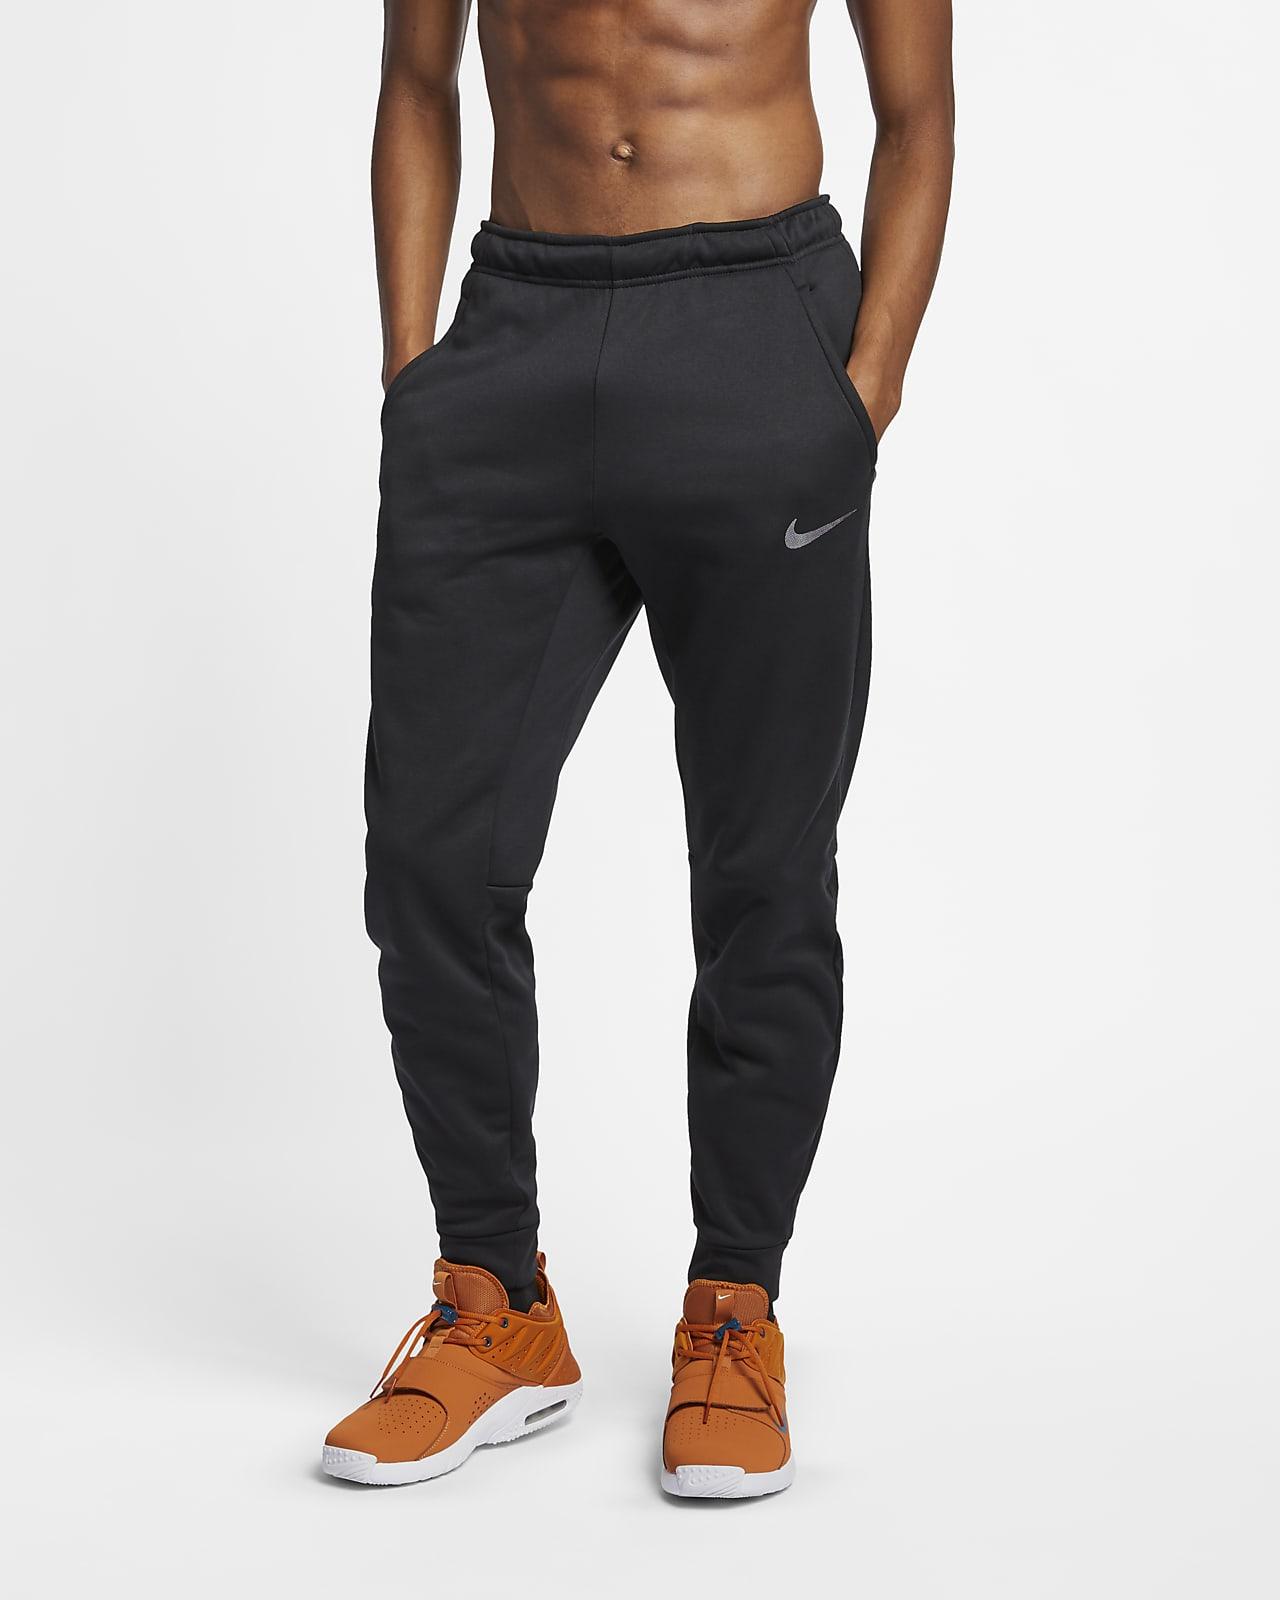 Nike Therma-FIT schmal zulaufende Trainingshose für Herren